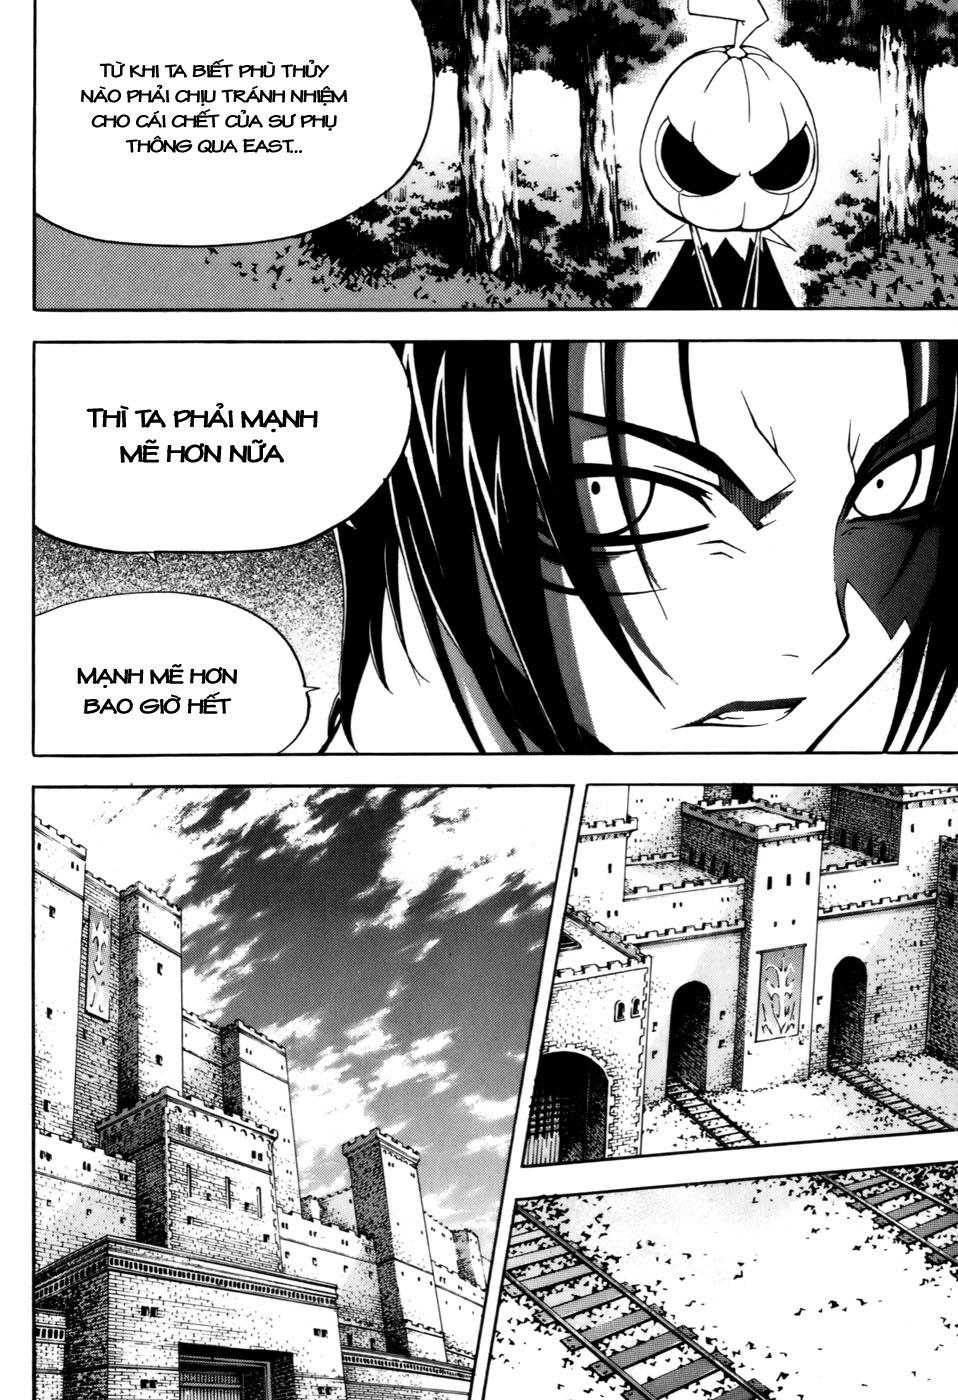 Witch Hunter – Thợ Săn Phù Thủy chap 37 Trang 8 - Mangak.info